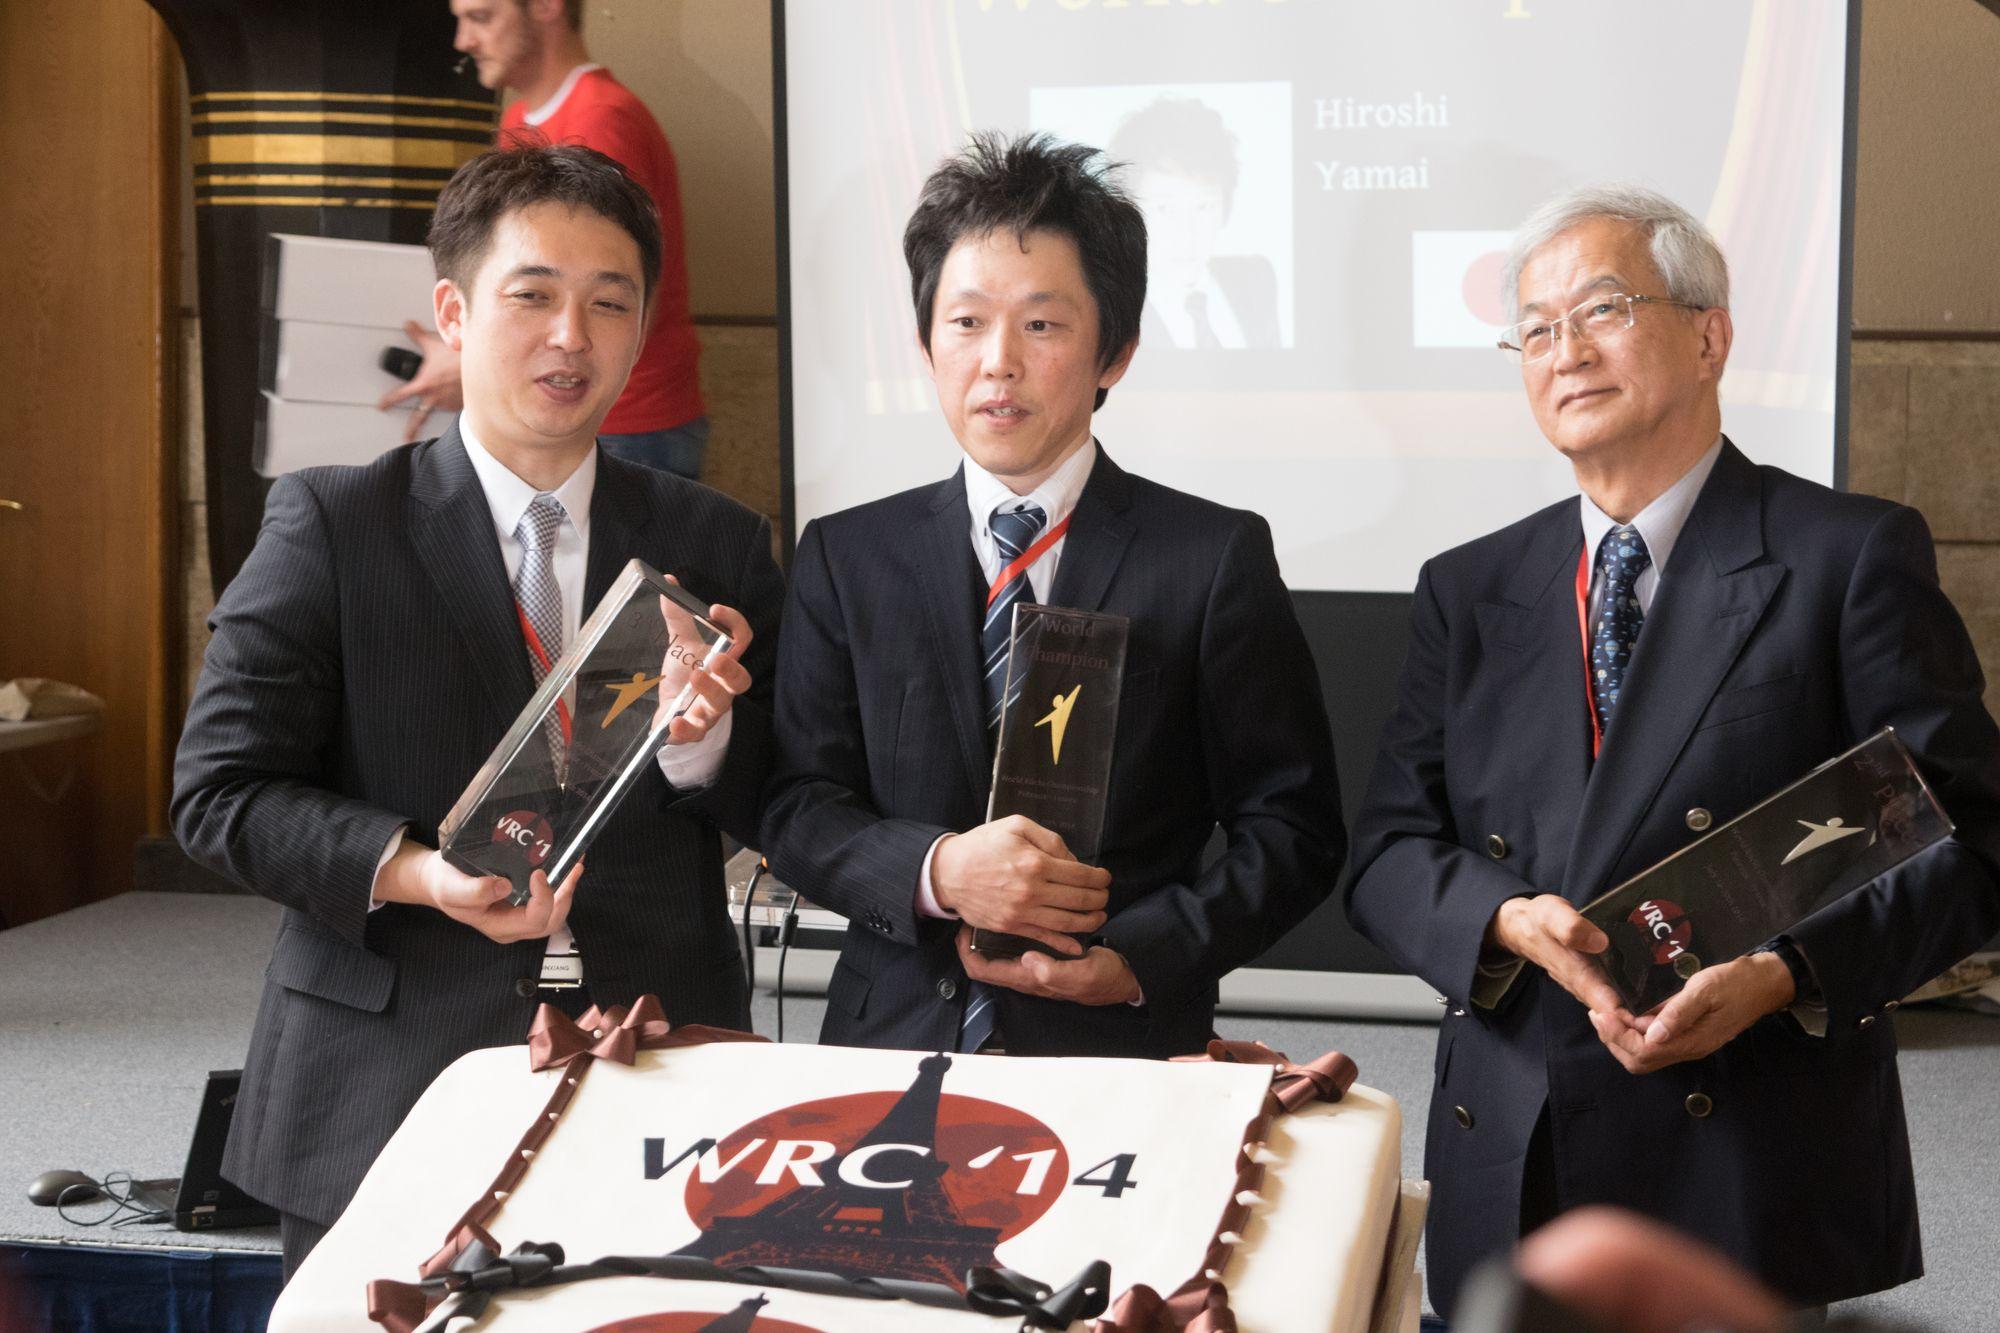 The podium, Jun Nishikawa (3rd), Hiroshi Yamai (1st), Kazuhiko Nishijima (2nd)